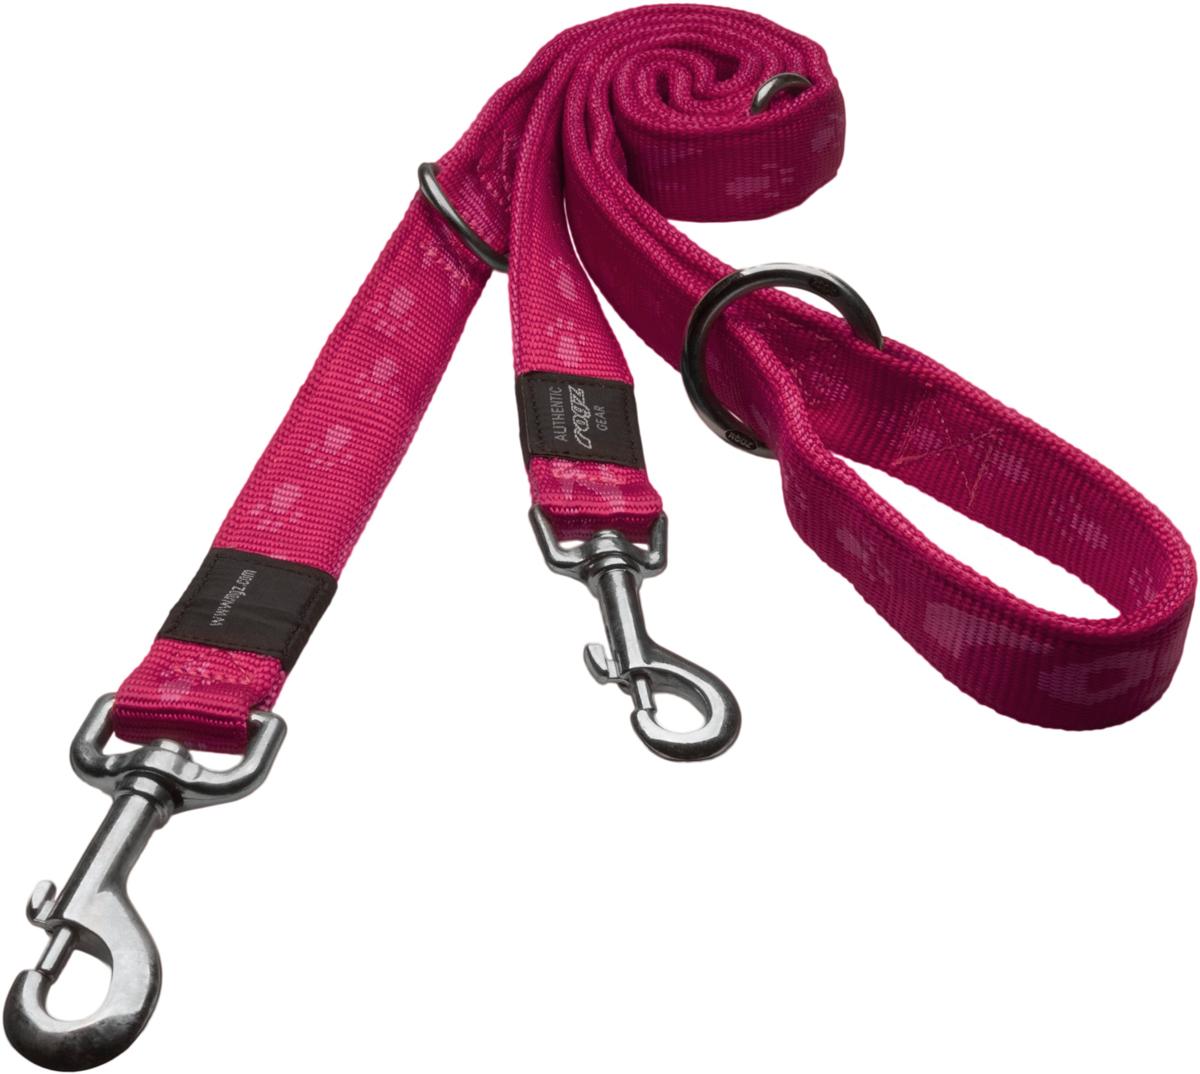 Поводок-перестежка для собак Rogz Alpinist, цвет: розовый, ширина 2,5 см, длина 1,78 см. Размер XL поводок для собак rogz alpinist удлиненный цвет коричневый ширина 2 5 см размер xl hll27j